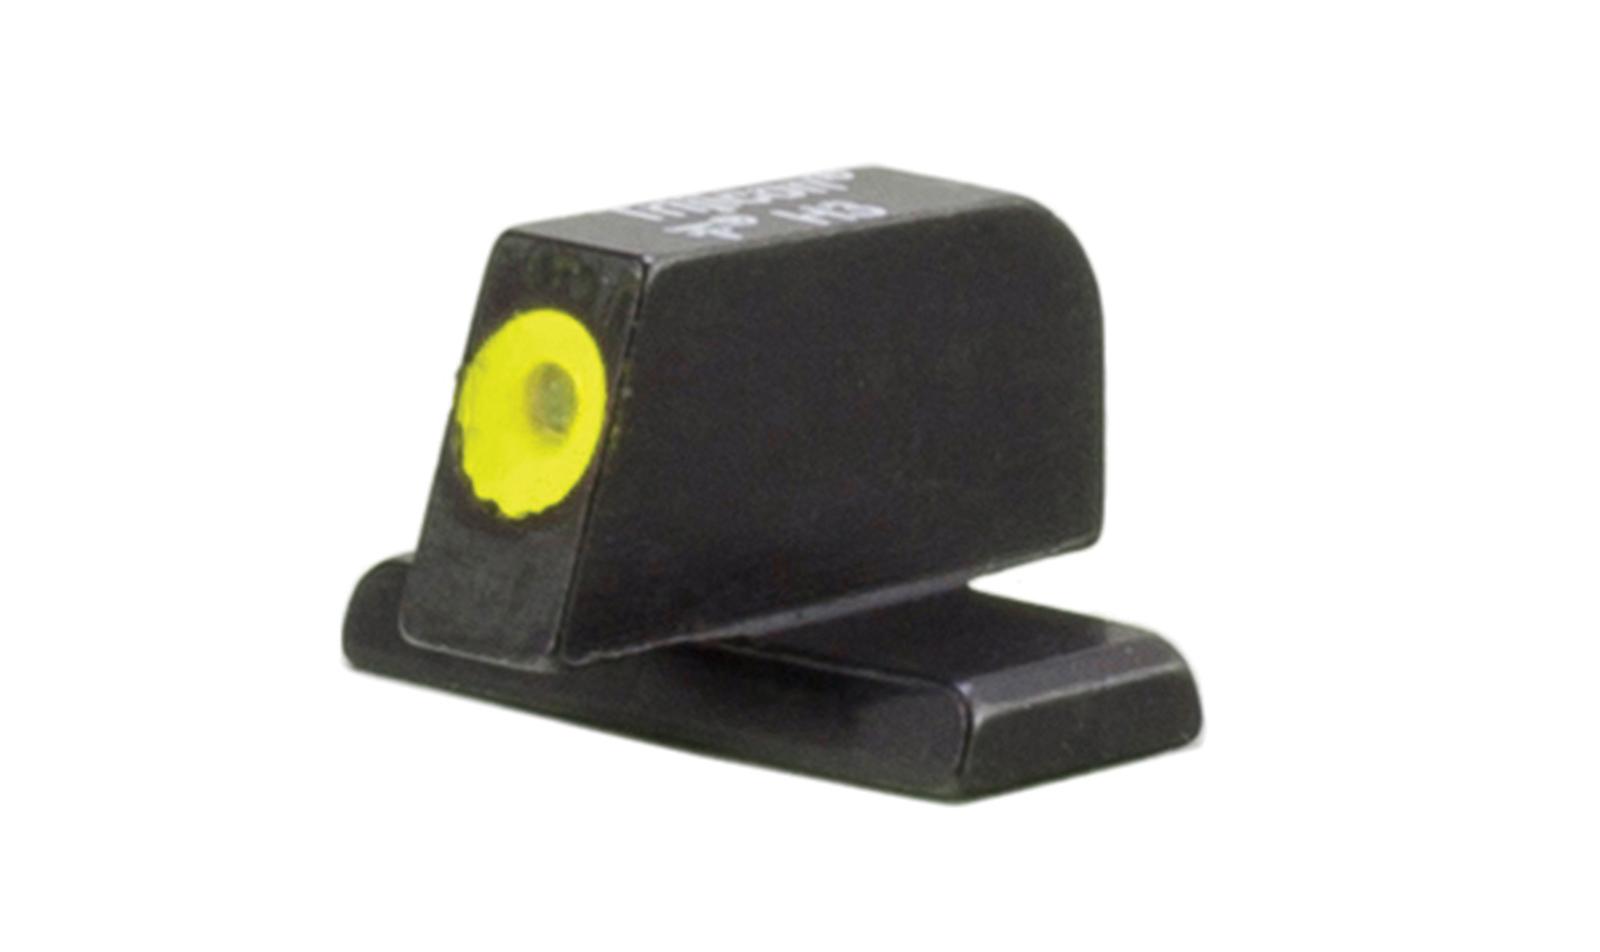 SP601-C-600872 angle 1